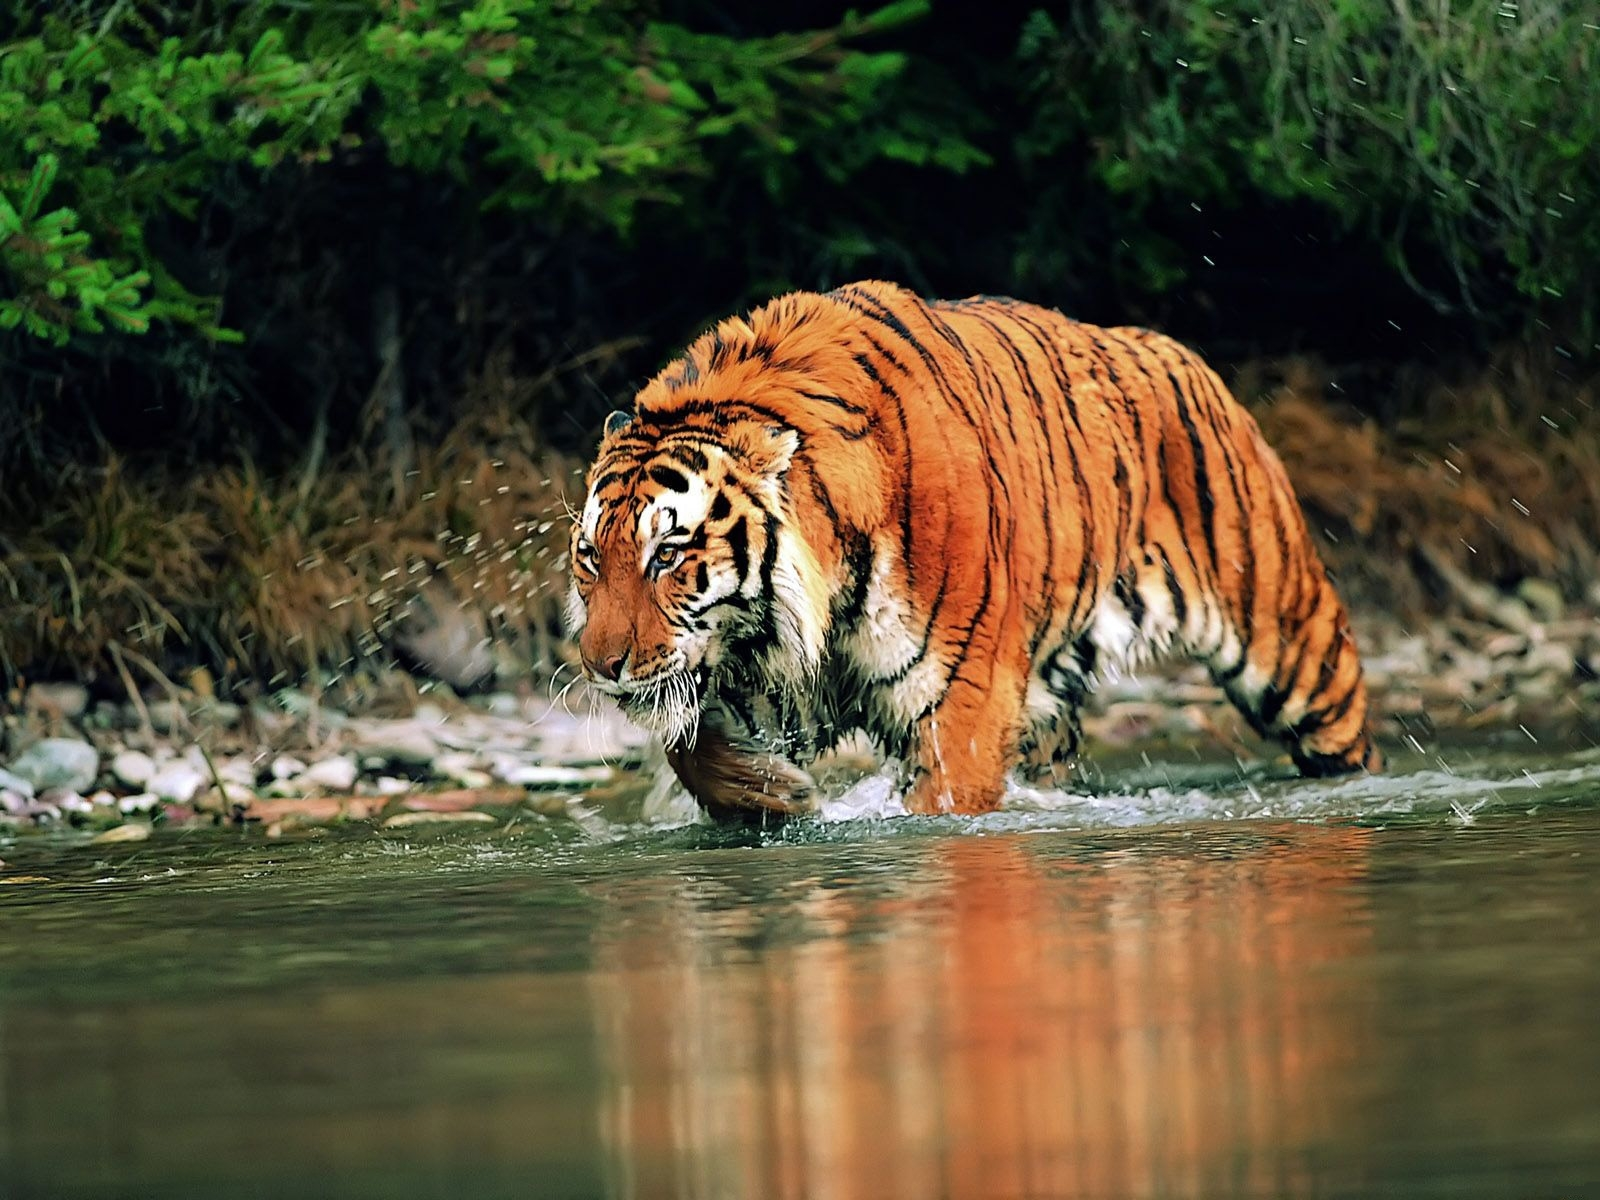 tiger free